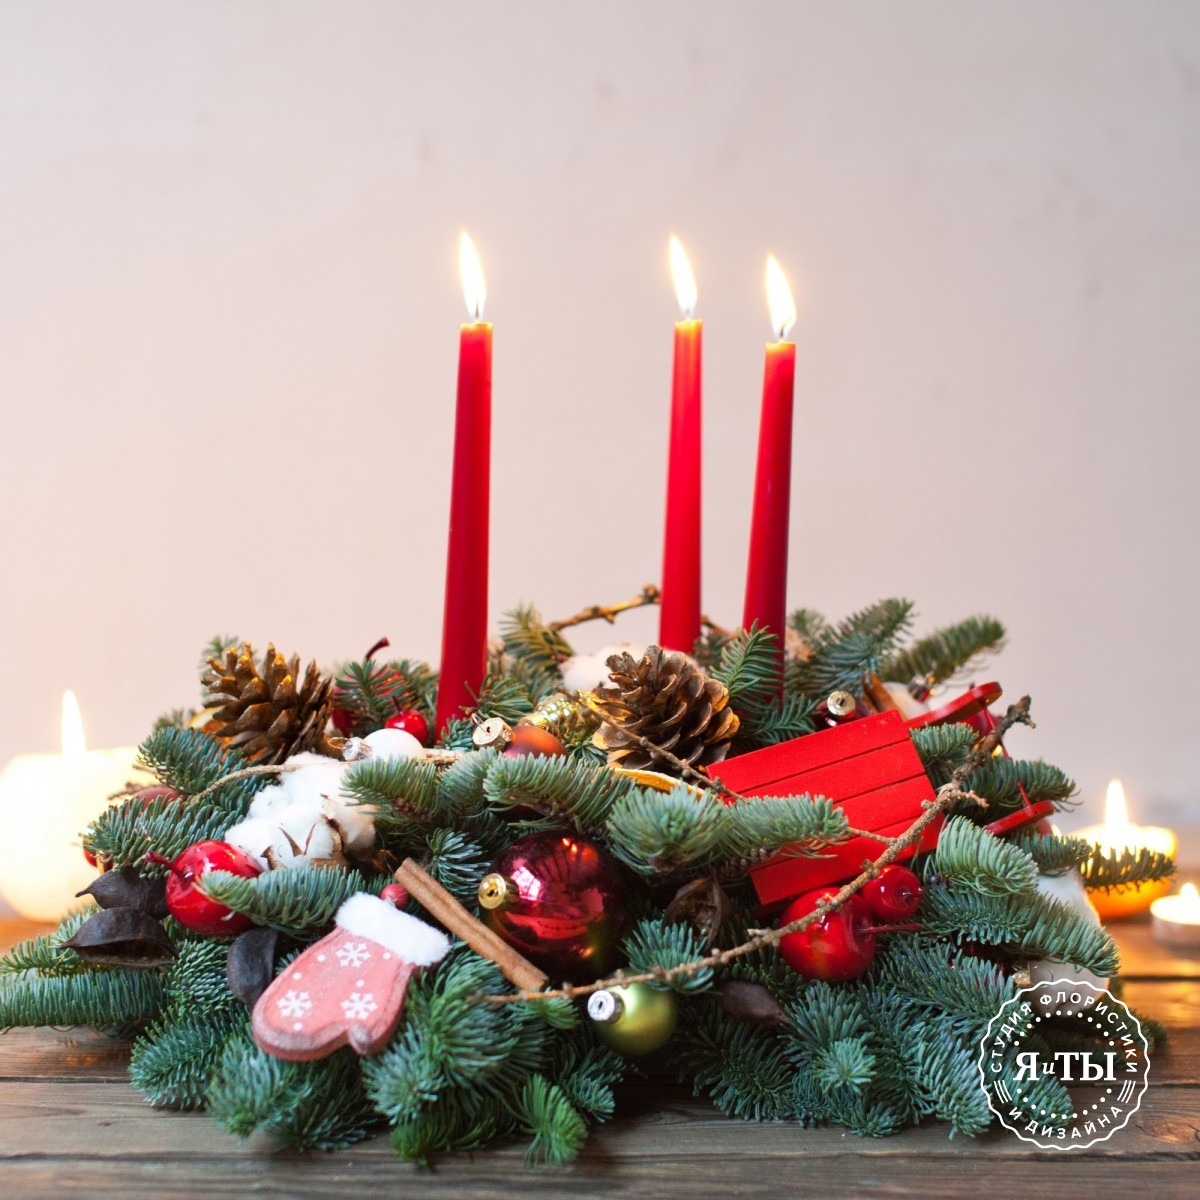 Настольная новогодняя композиция с красными свечами